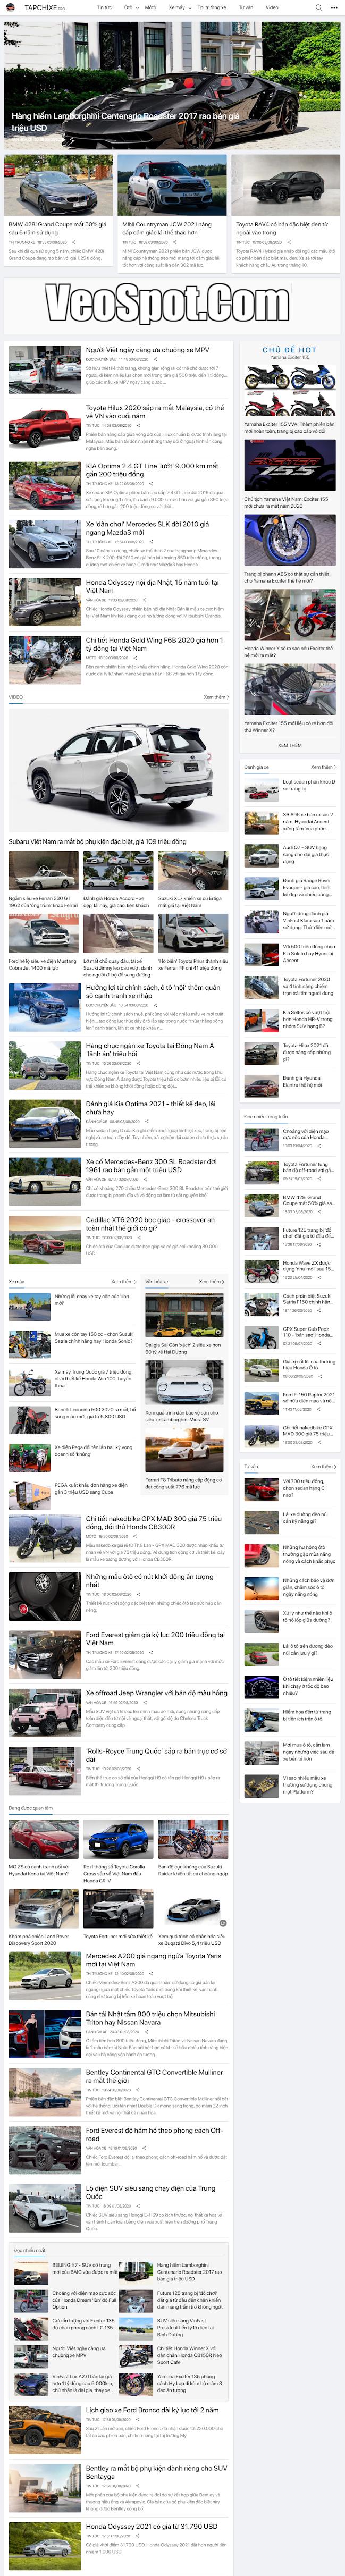 Theme Blogspot trang chủ Tin Tức Tư Vấn Mua Bán Ôto, Xe Máy Đẹp Chuẩn SEO